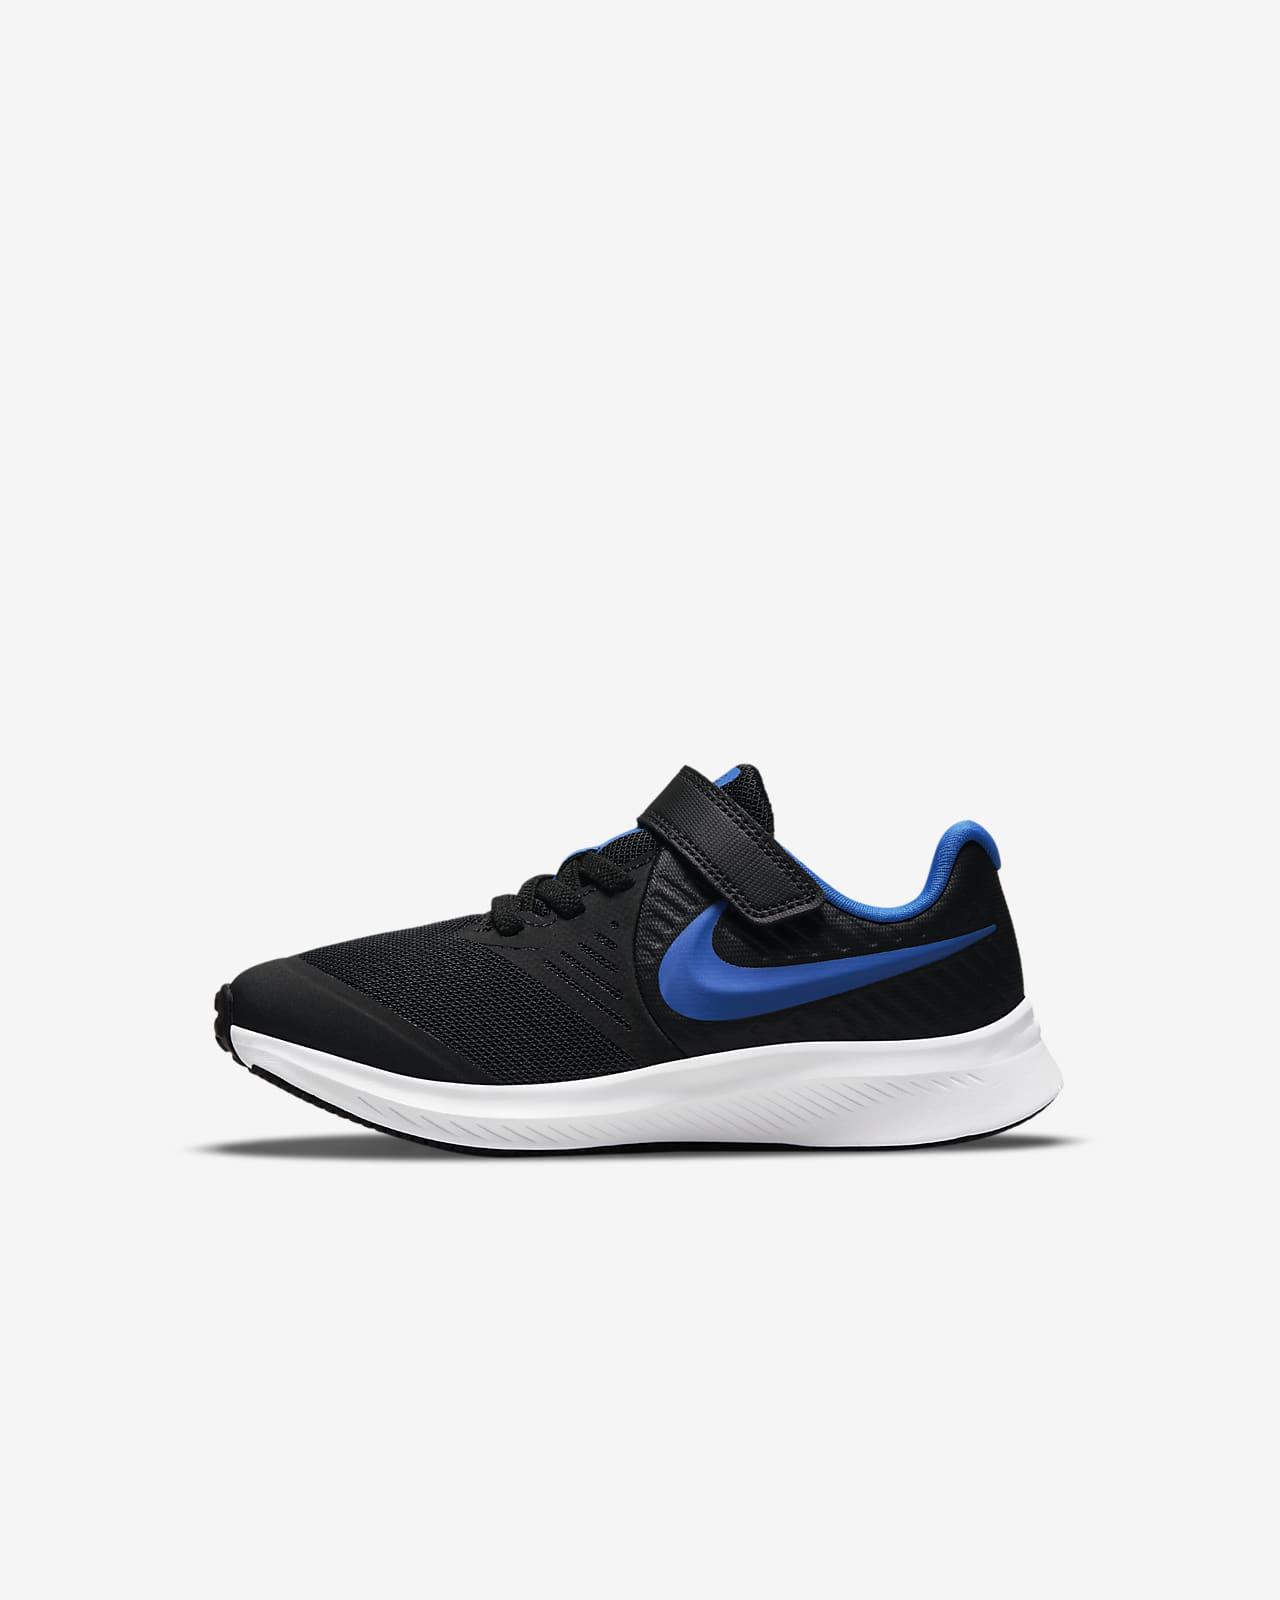 Calzado para niños talla pequeña Nike Star Runner 2